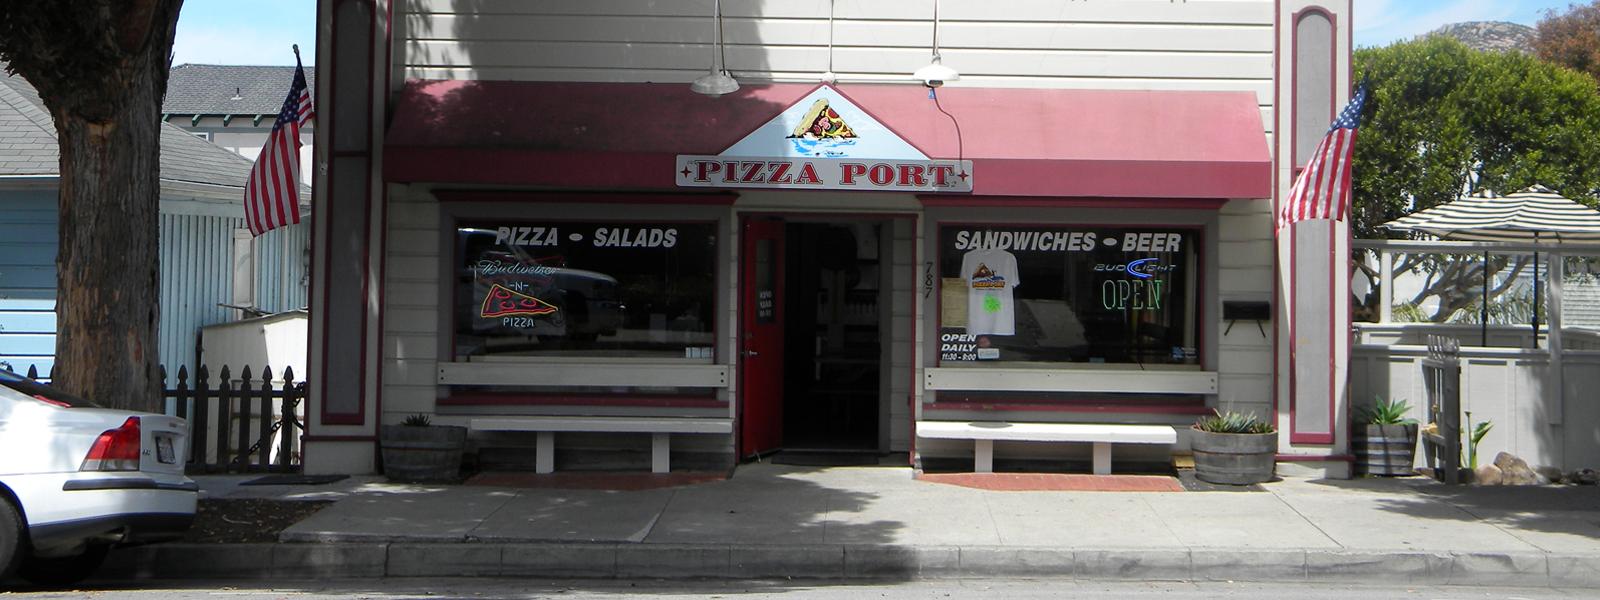 pizza central california